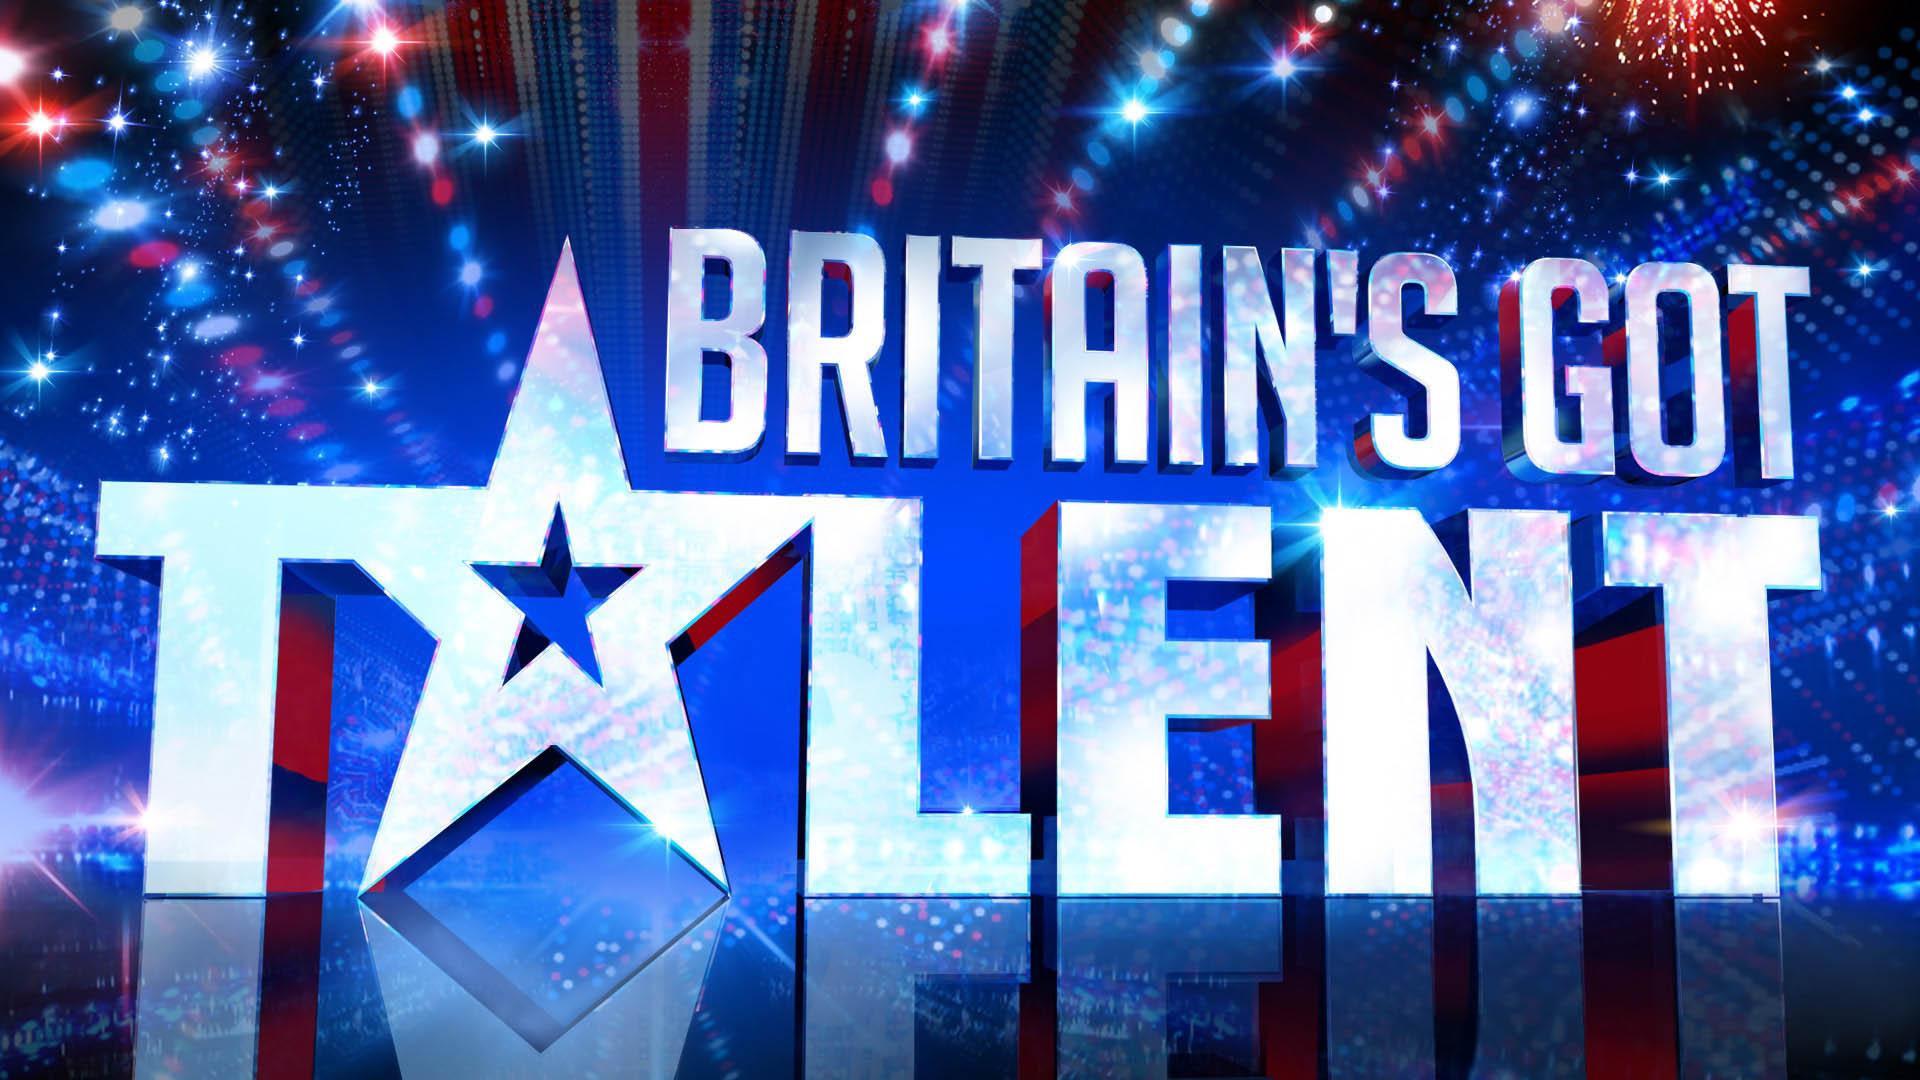 Britain's Got Talent - Performance VisualsClient:SYCO Entertainment